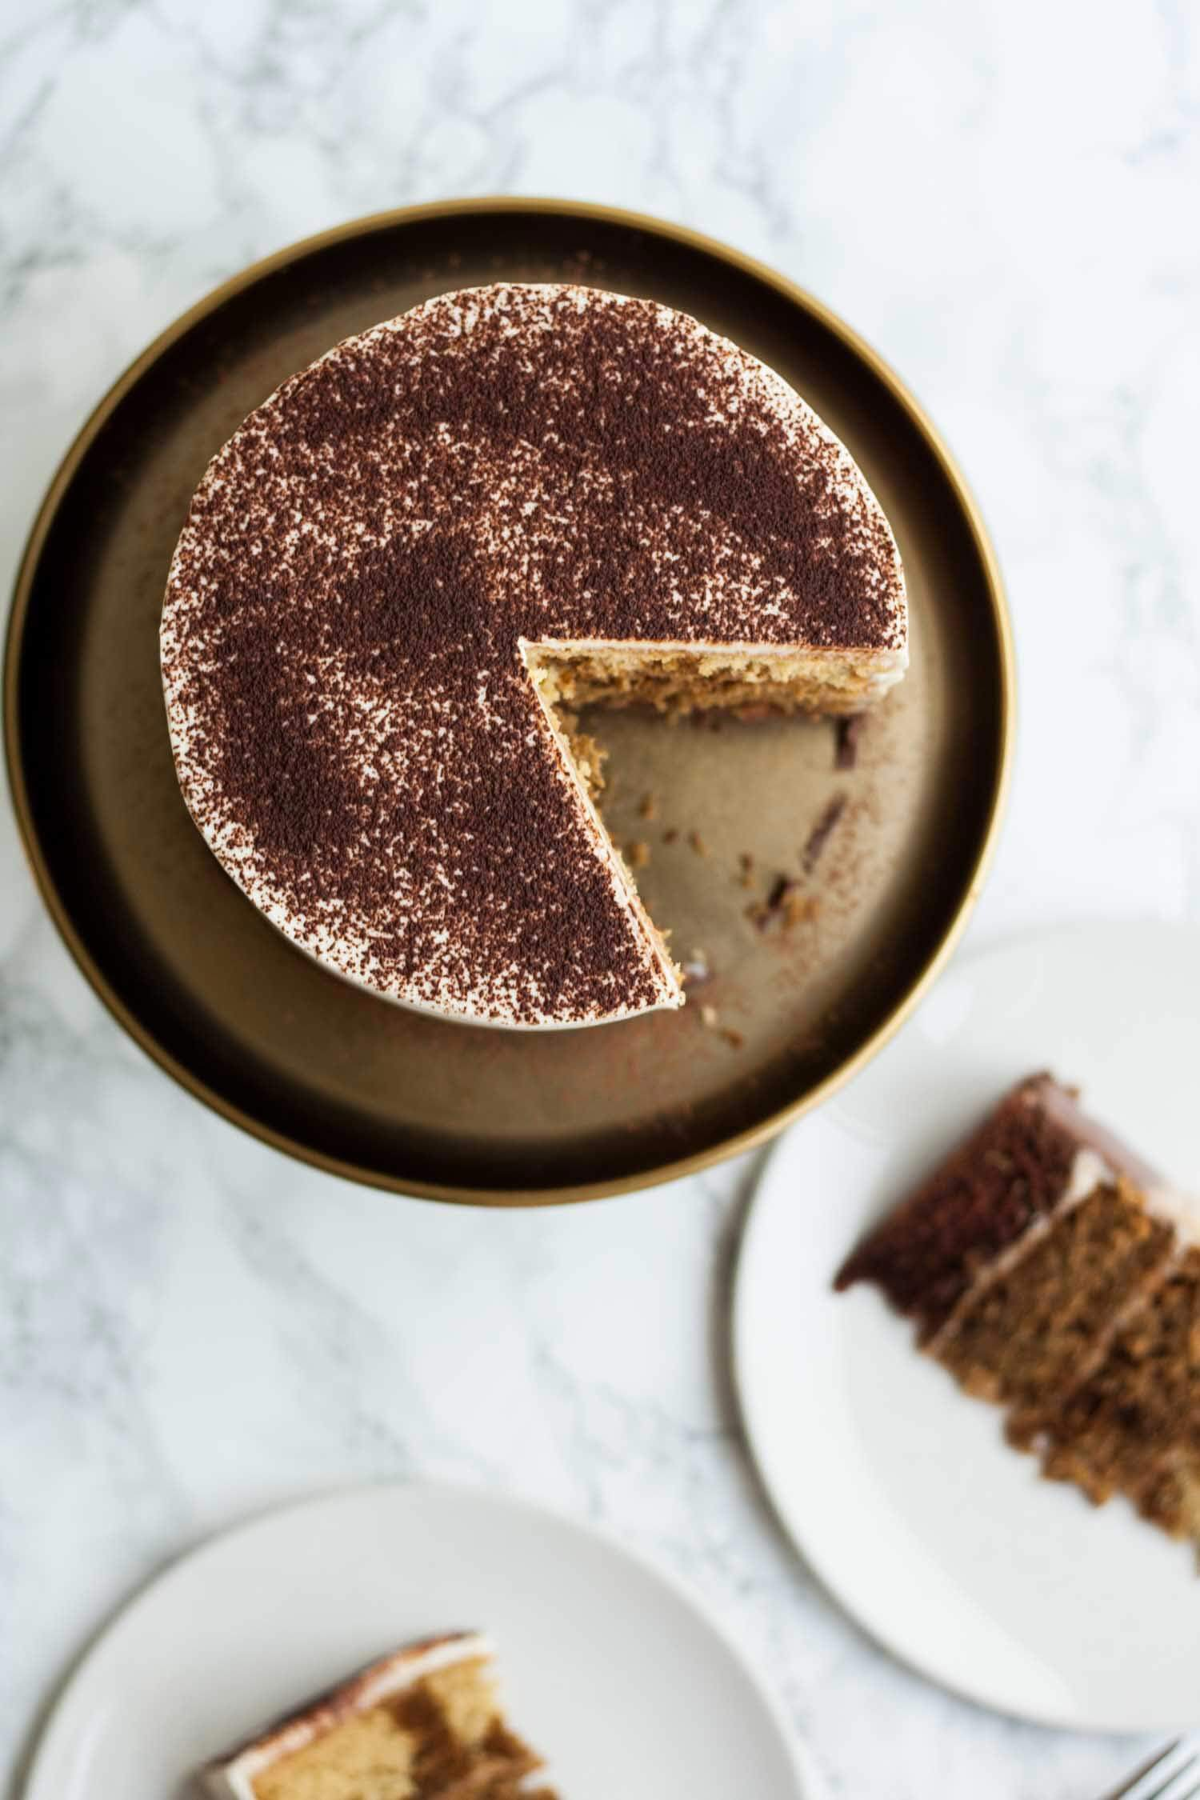 Tiramisu Layer Cake avec Ombre Mascarpone Glaçage - ce gâteau de tiramisu décadent est parfait pour les toxicomanes de café - c'est léger et savoureux et c'est un gâteau d'anniversaire idéal!  |  Eatloveeats.com